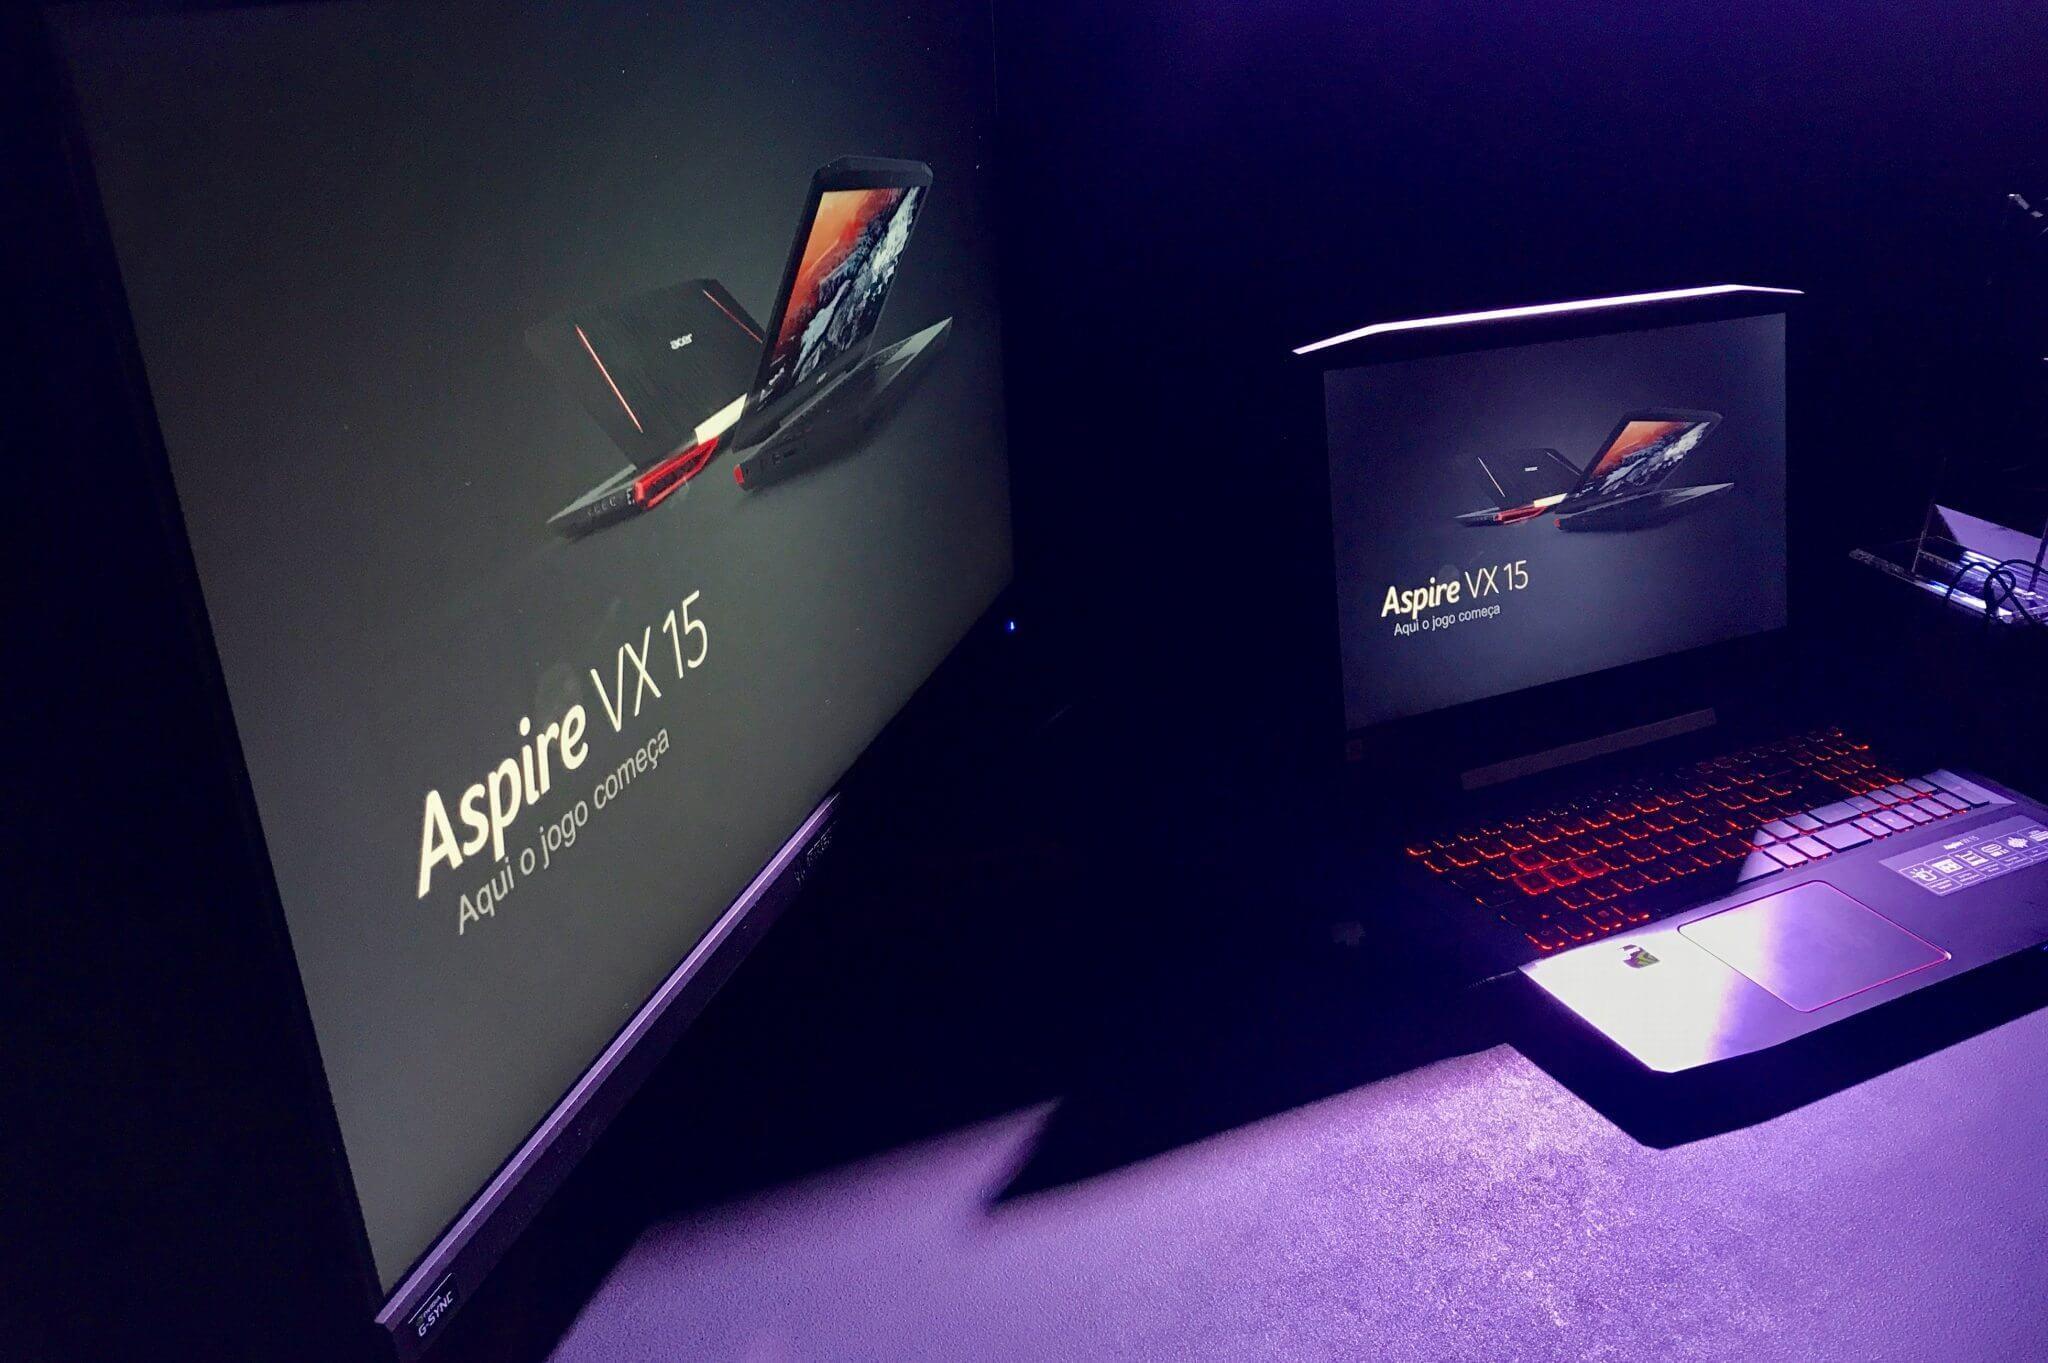 Acer anuncia linhas Aspire e Predator de notebooks gamer no Brasil; veja os destaques